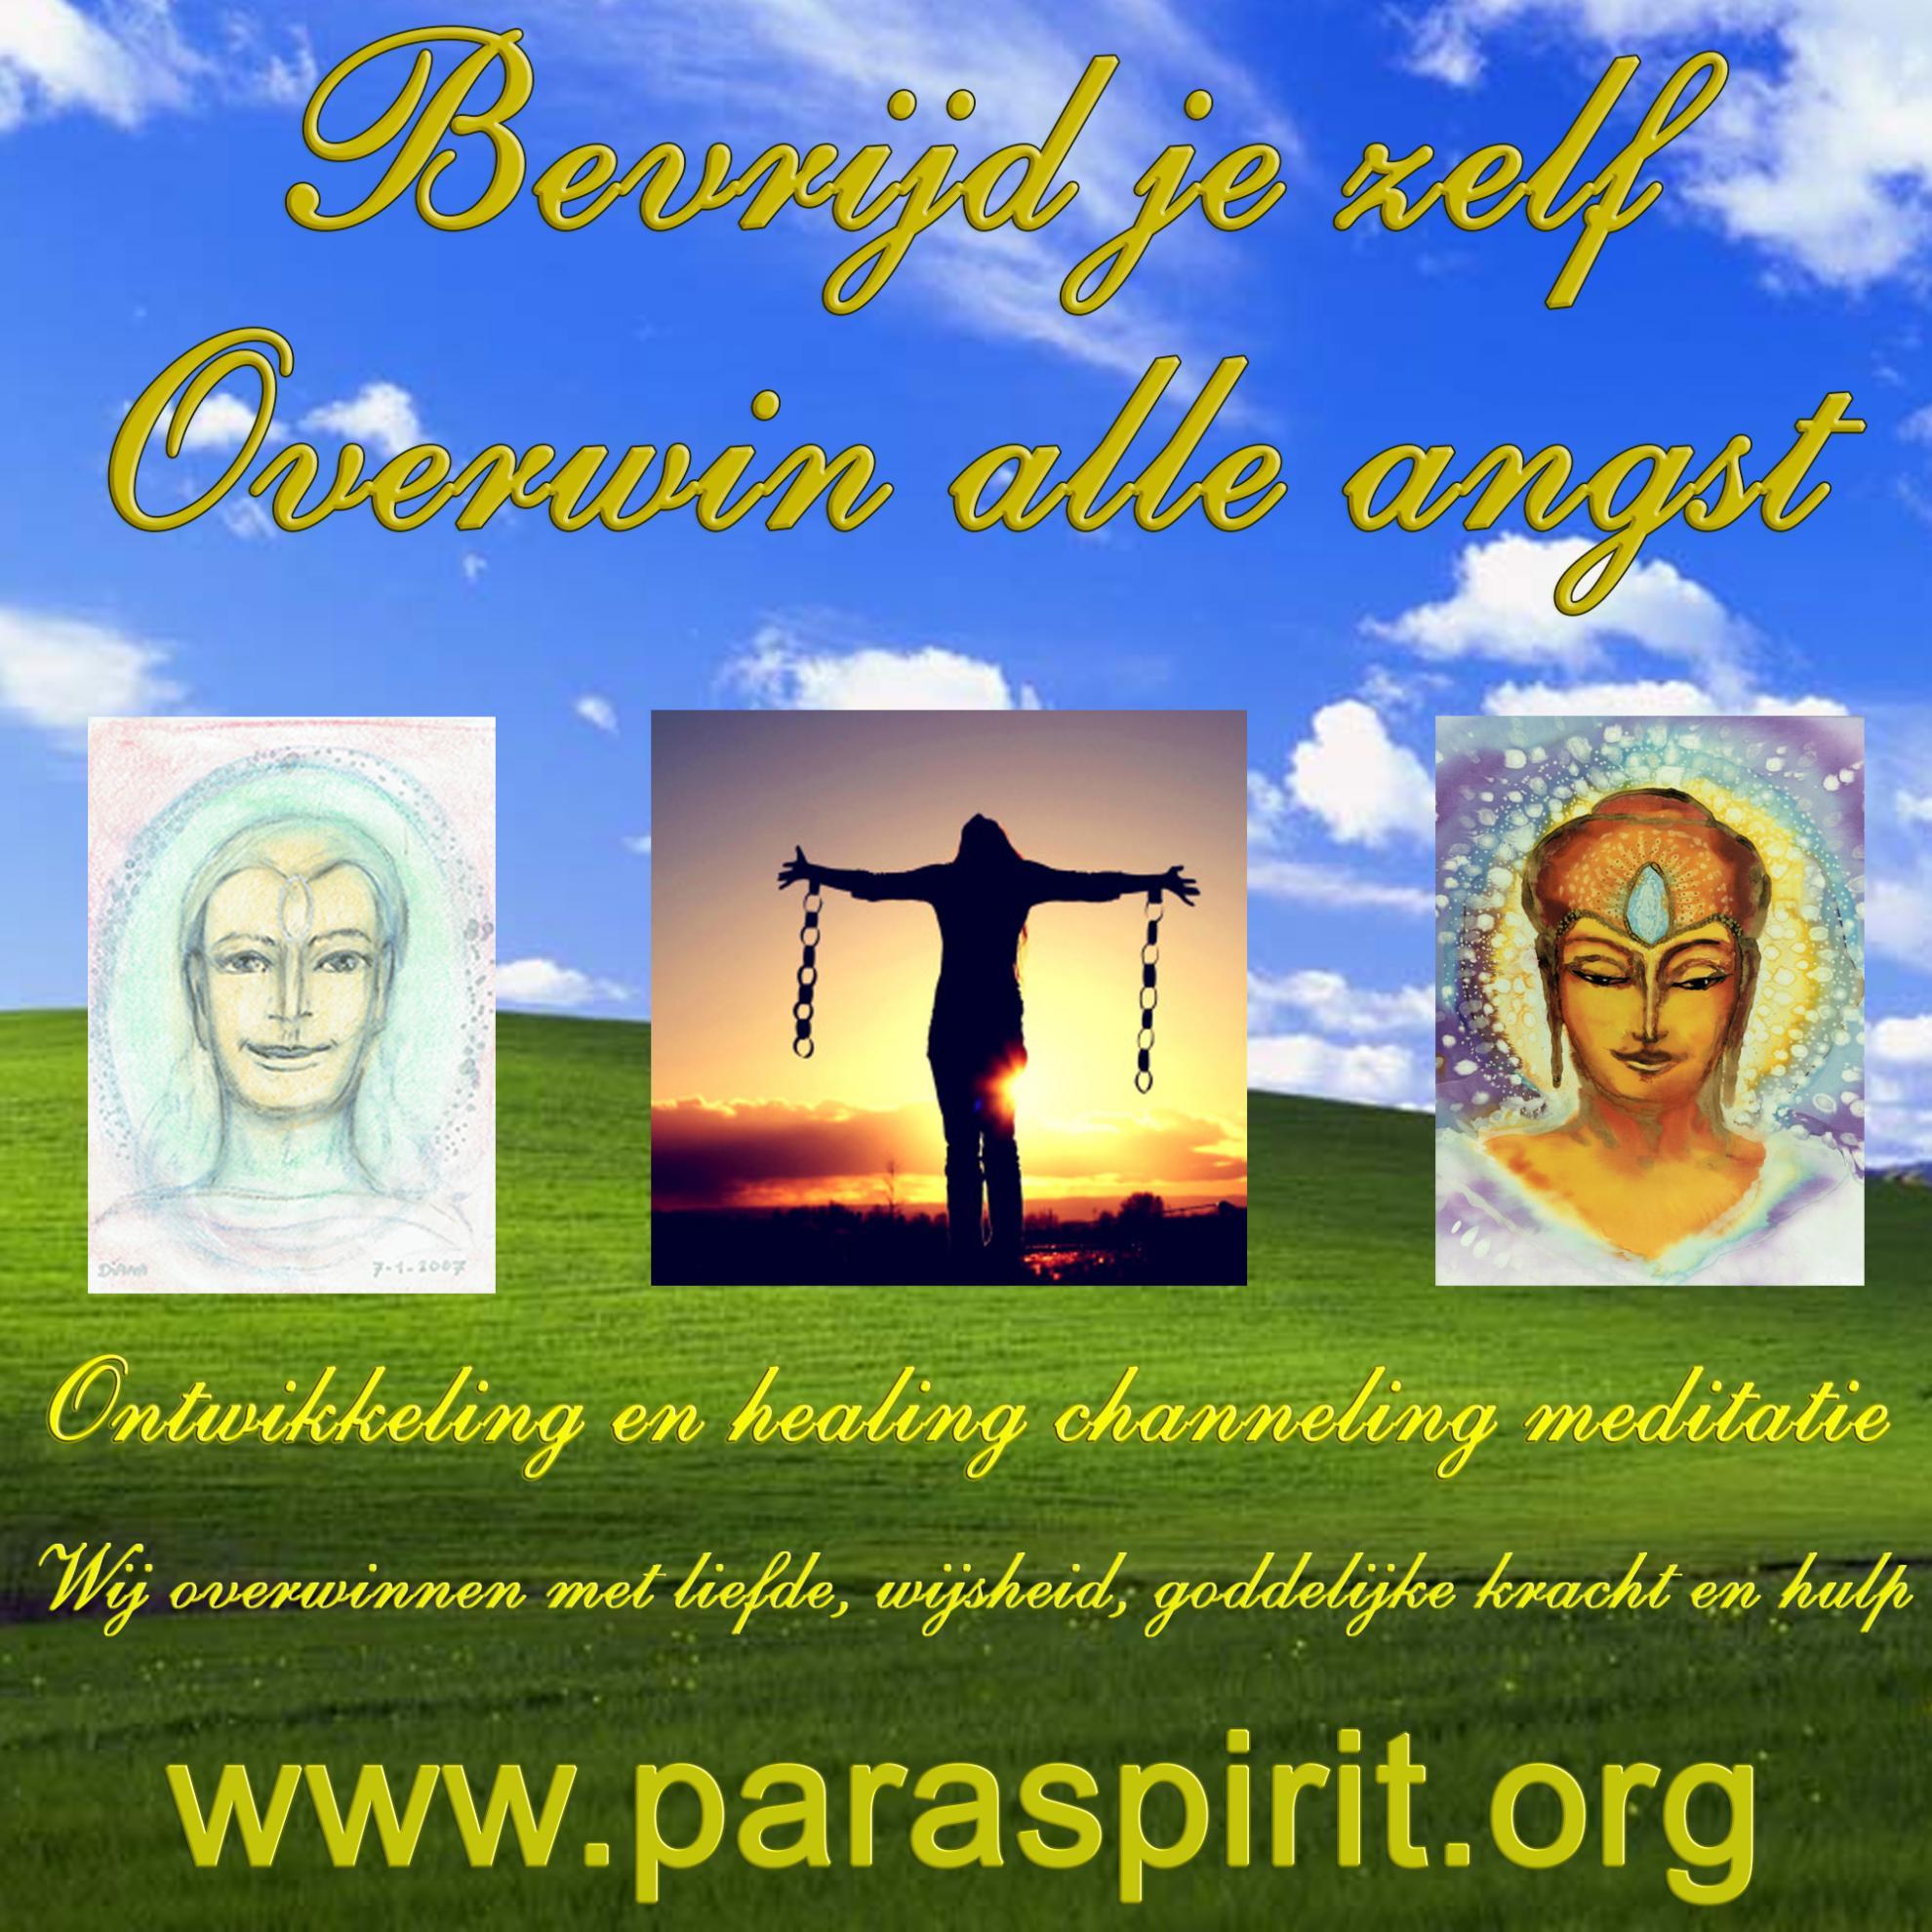 meditatie healing channeling angst